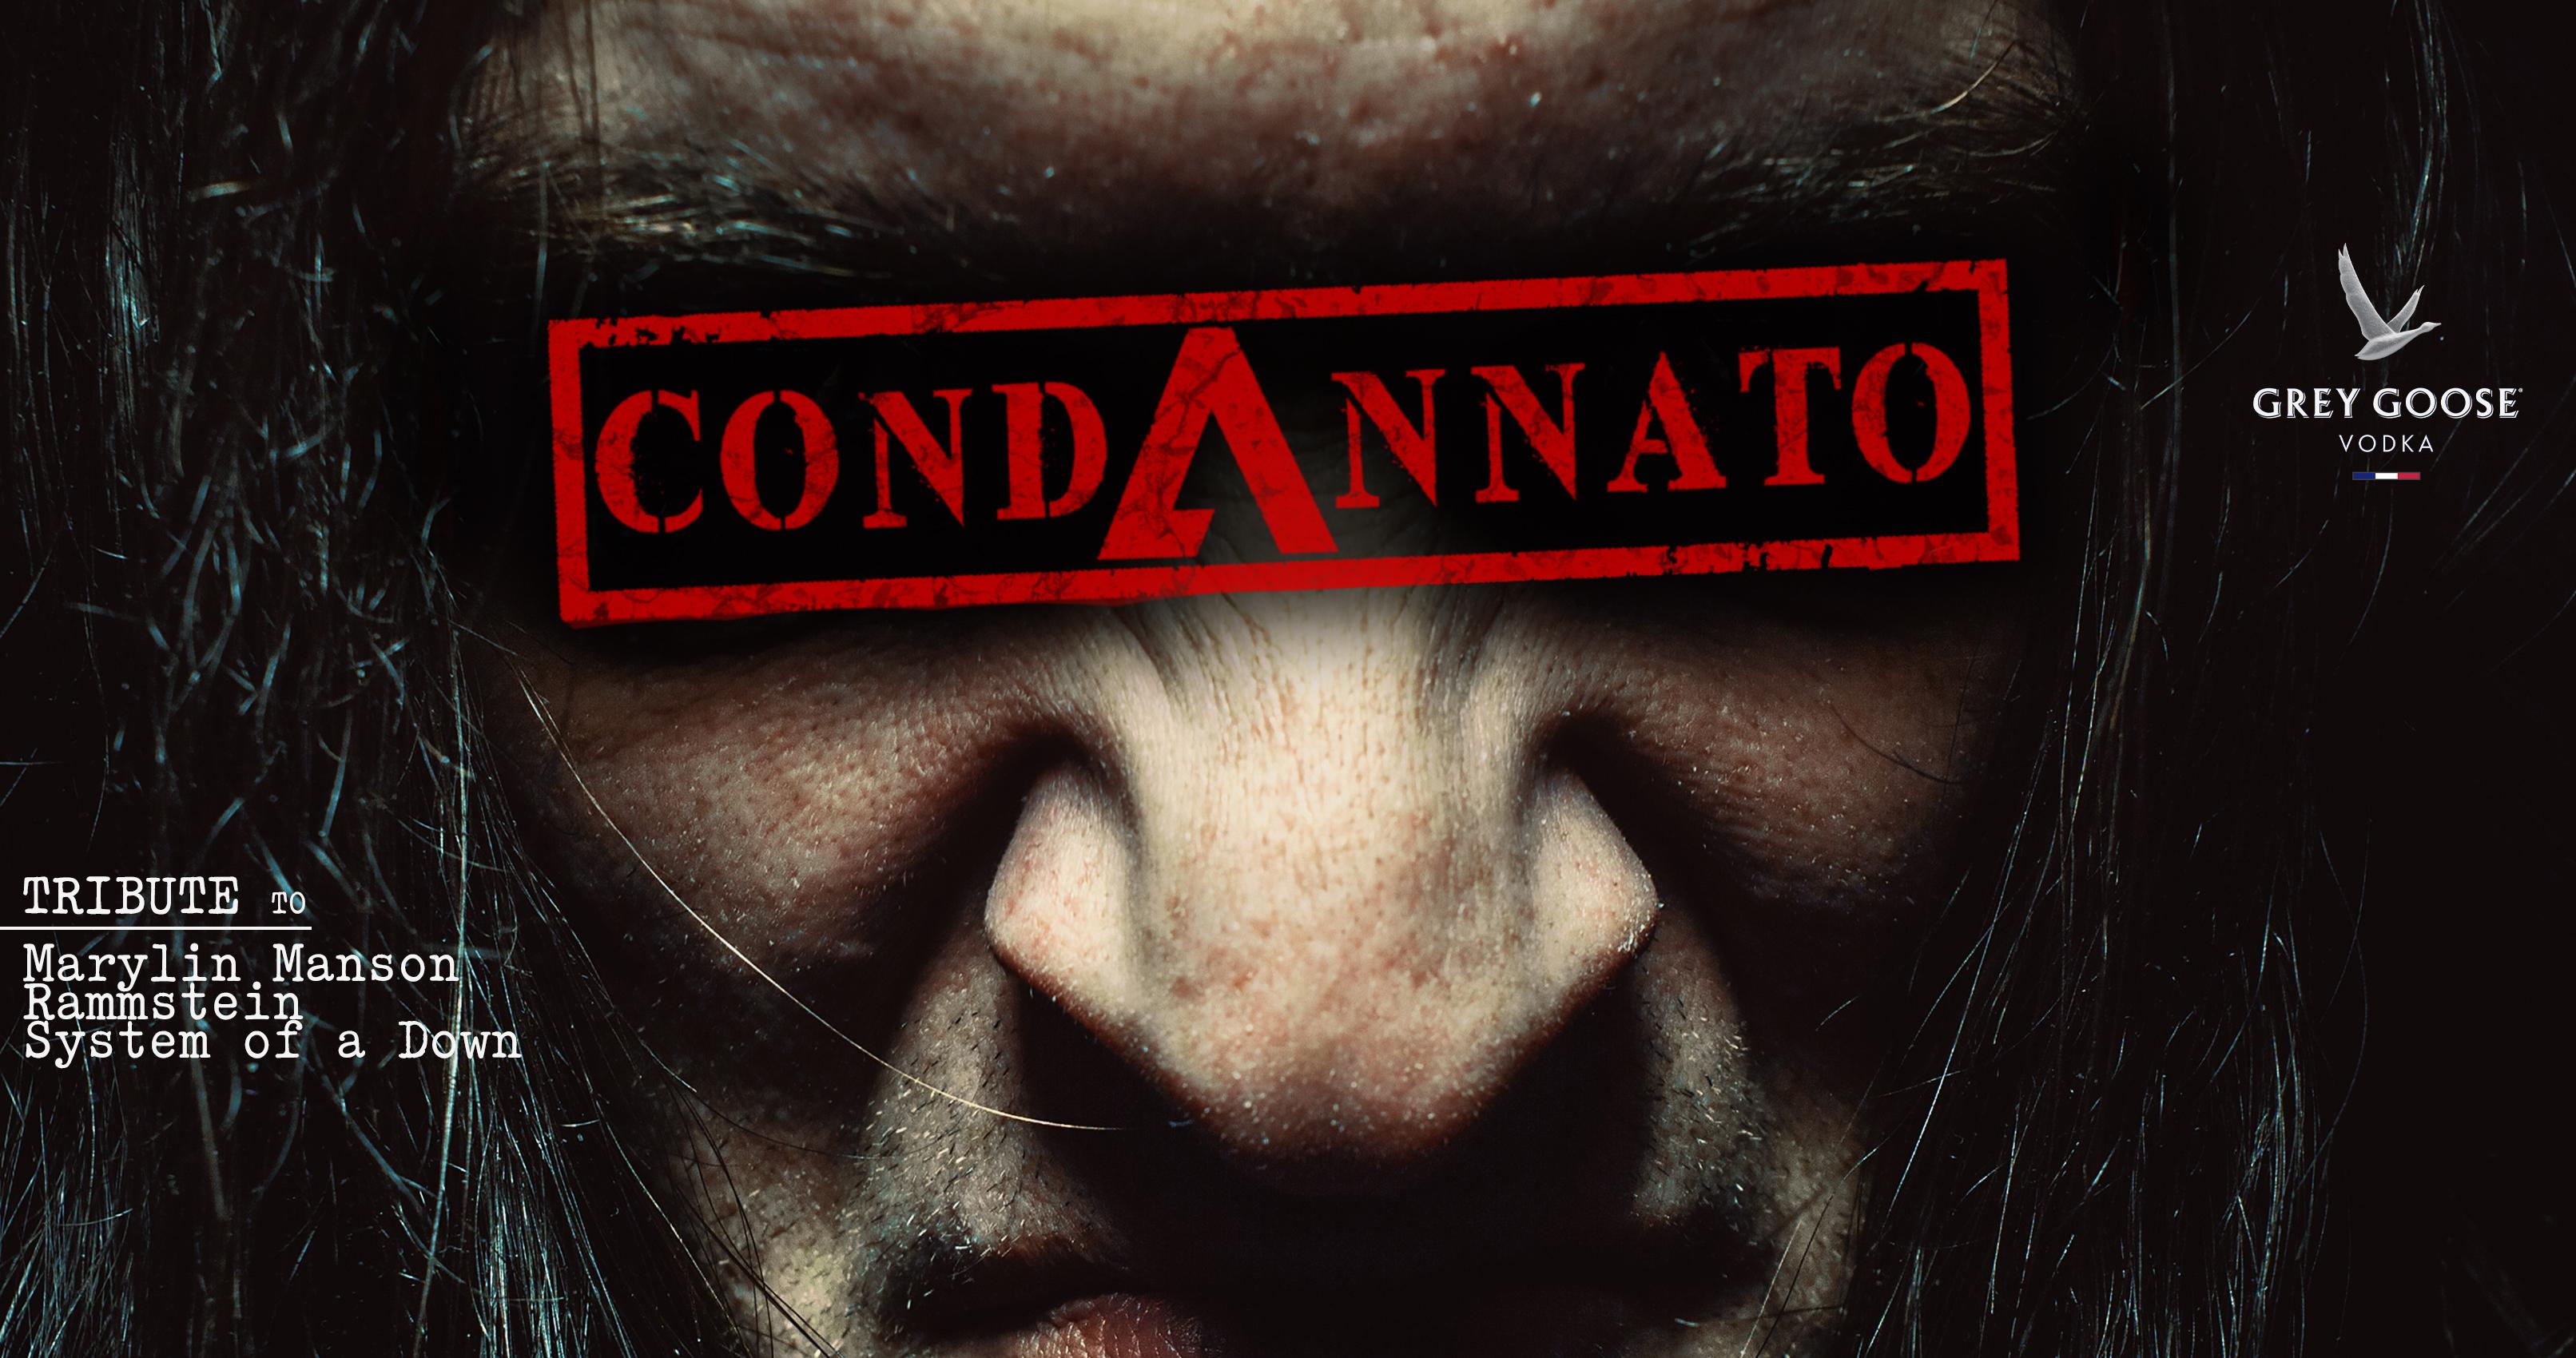 condannato_website